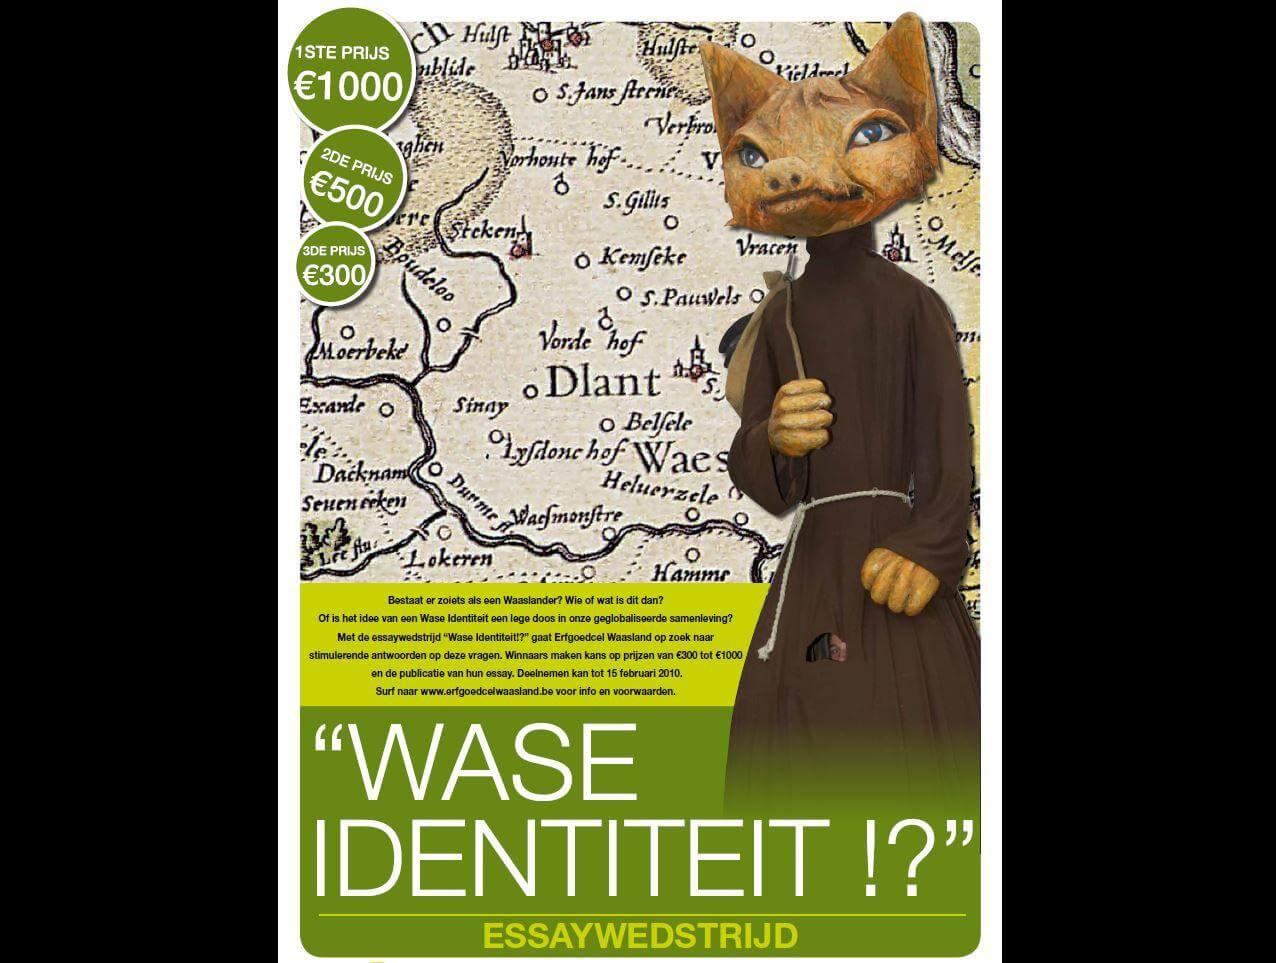 Essaywedstrijd 'Wase Identiteit?!'